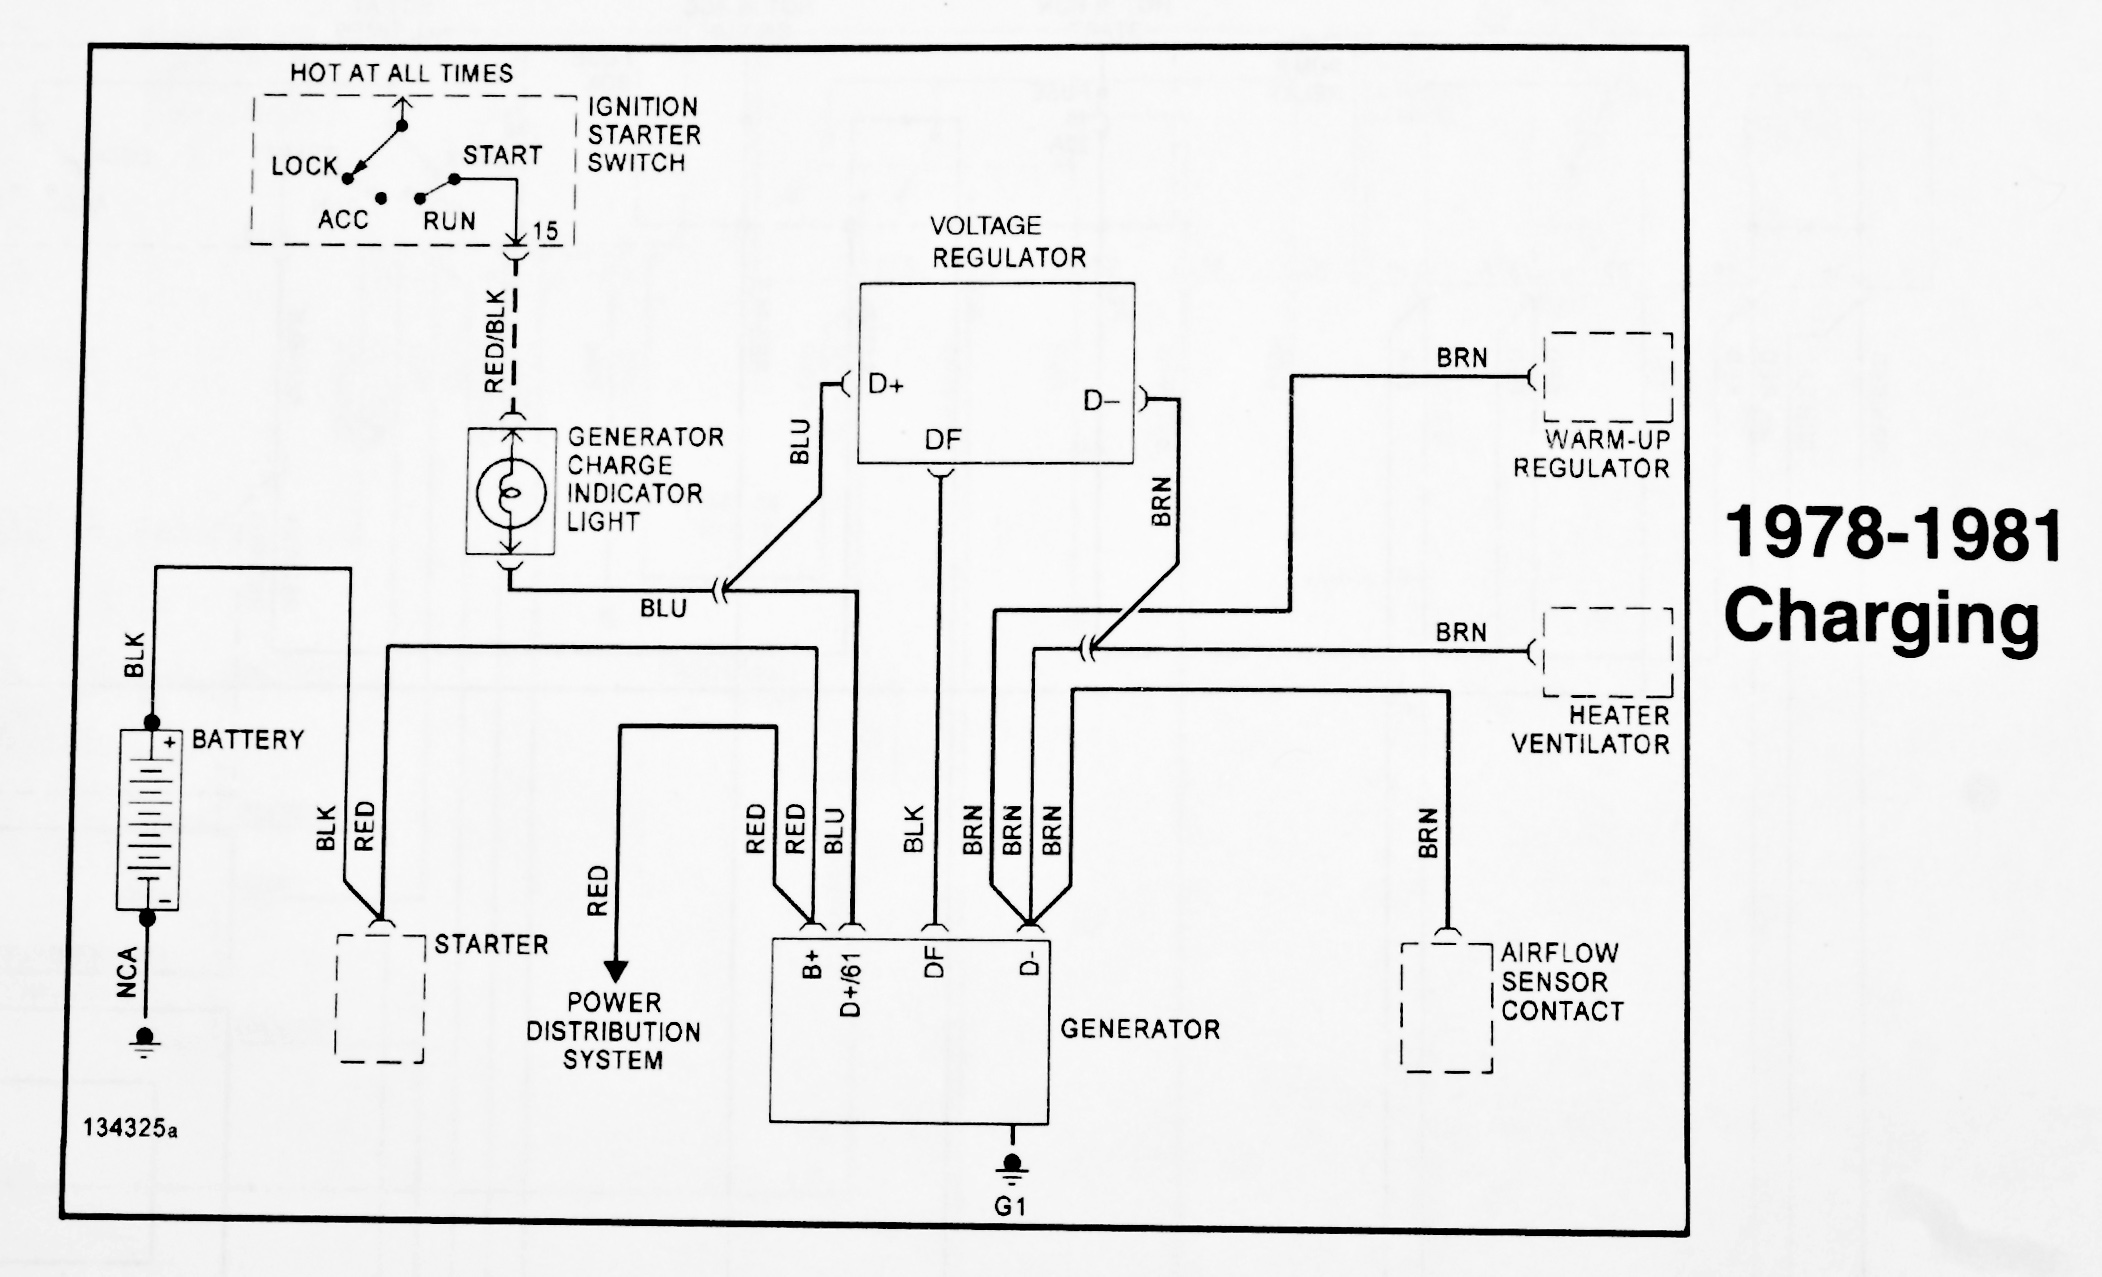 hight resolution of porsche 911 starter wiring diagram detailed schematics diagram rh antonartgallery com porsche 944 turbo engine diagram